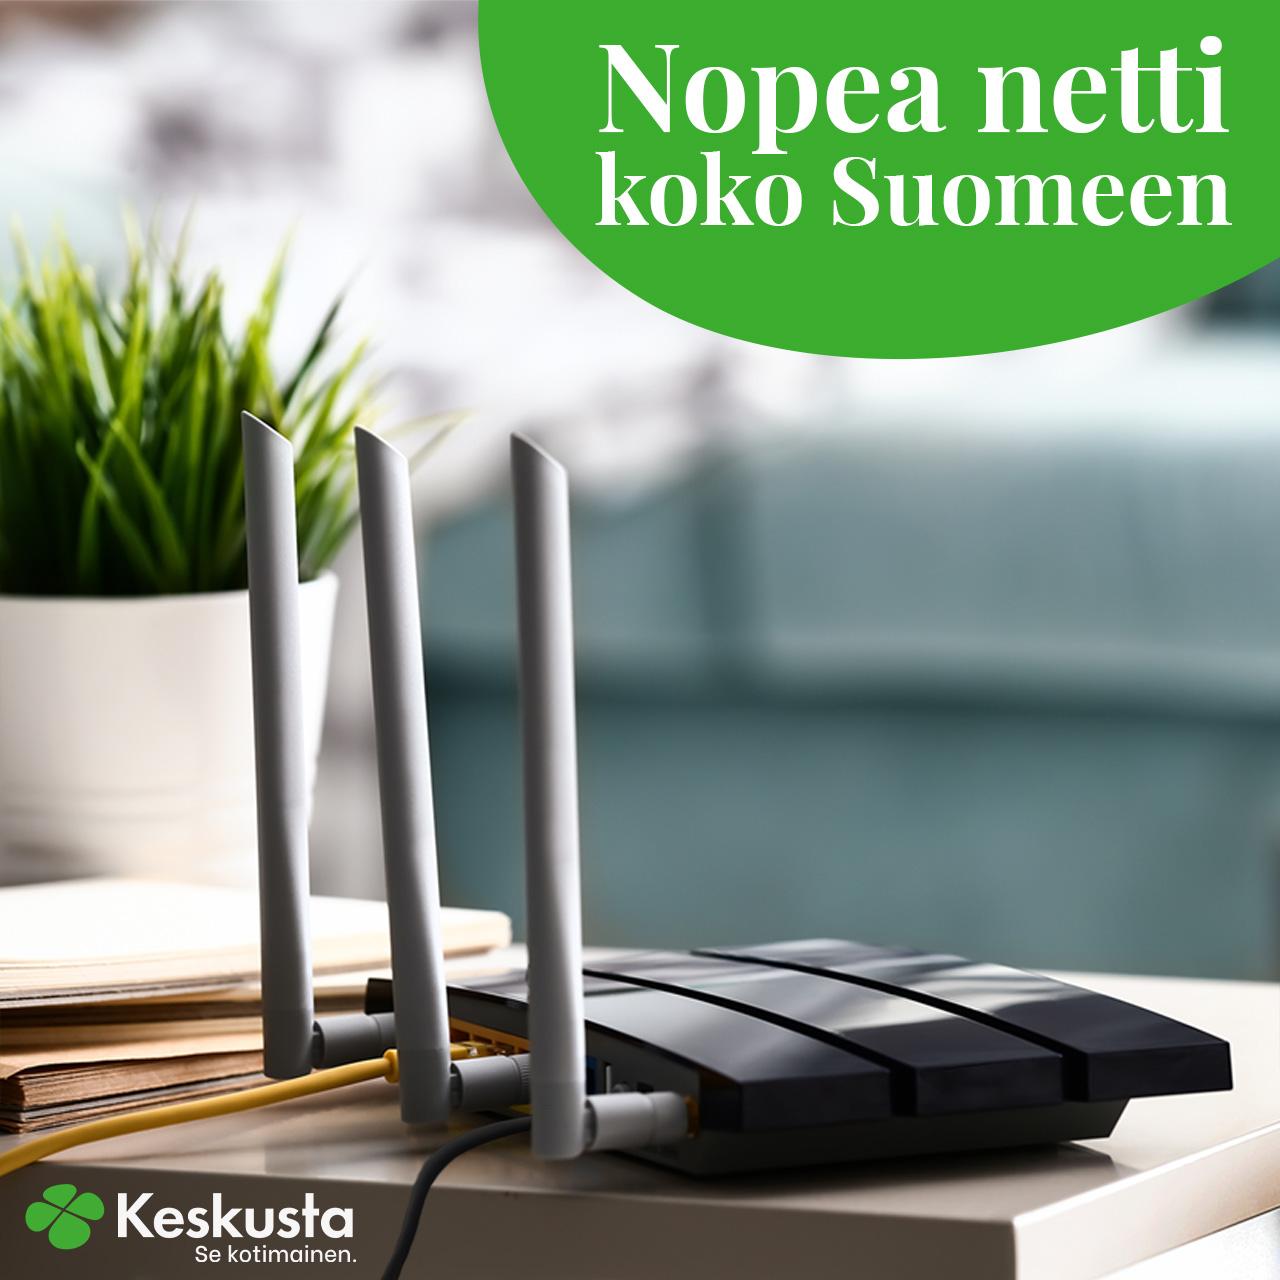 somekuva, jossa langaton modeemi pöydällä ja iskulauseena nopea netti koko Suomeen